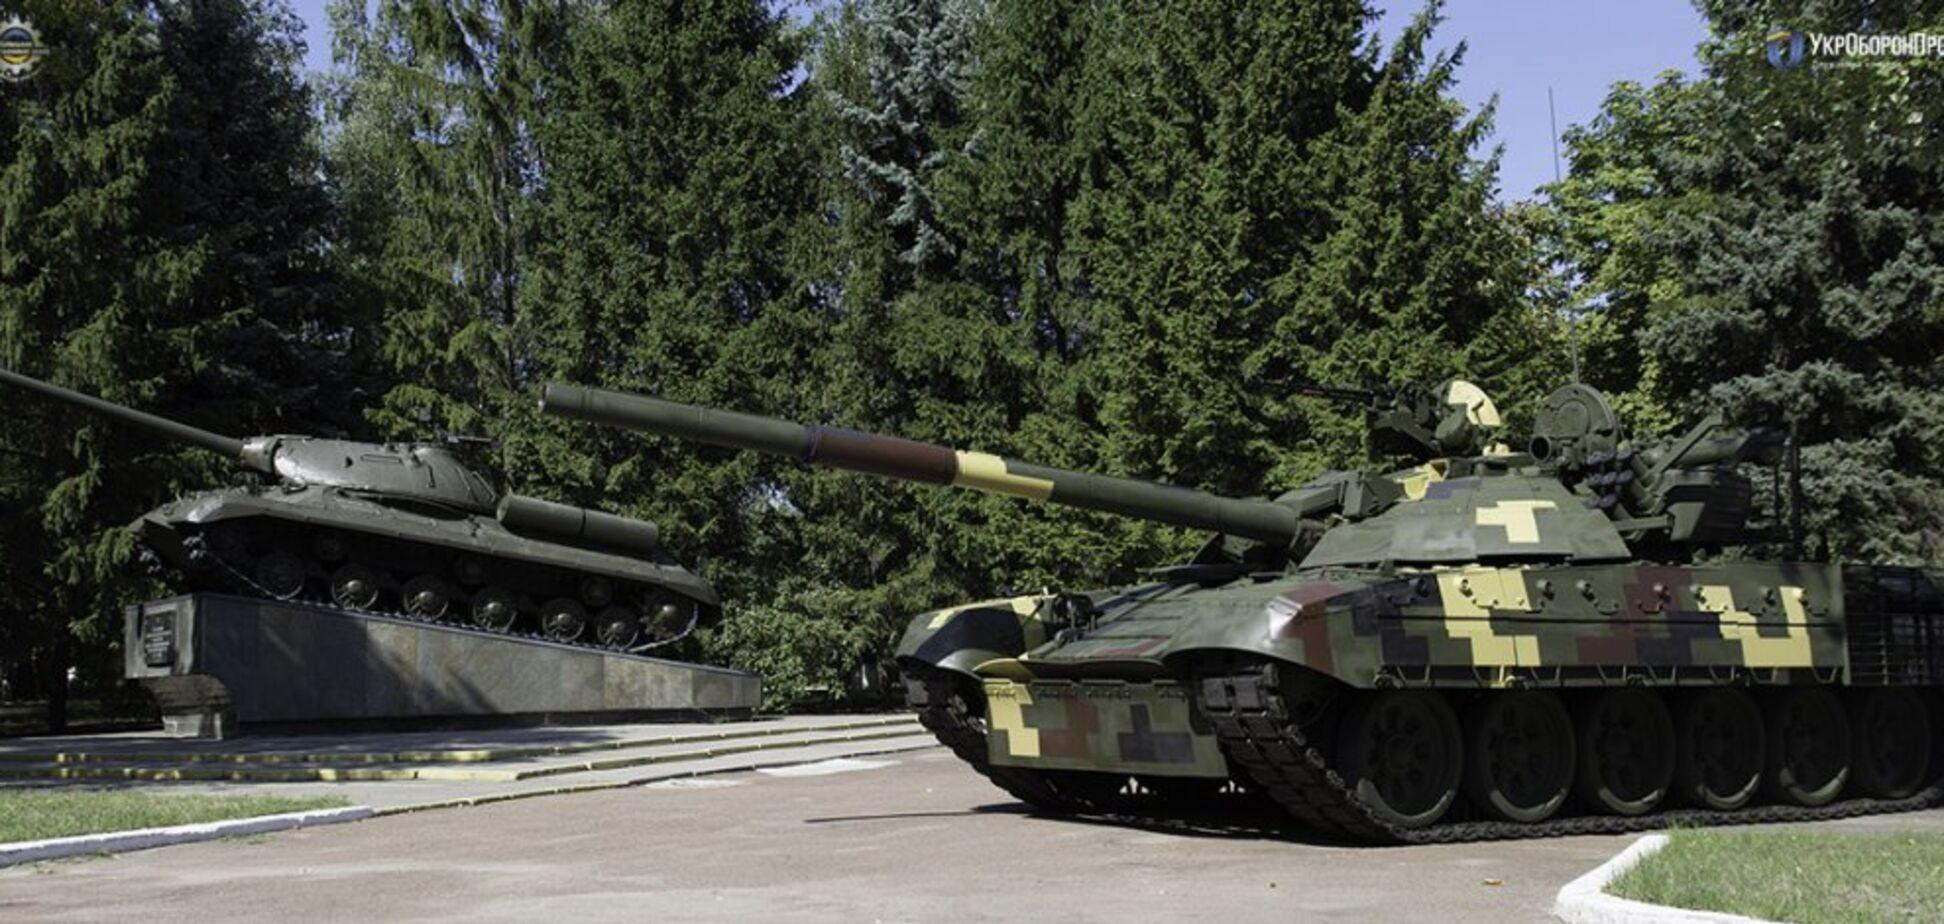 Відповідь на виклики гібридної війни: 'Укроборонпром' показав нову українську зброю